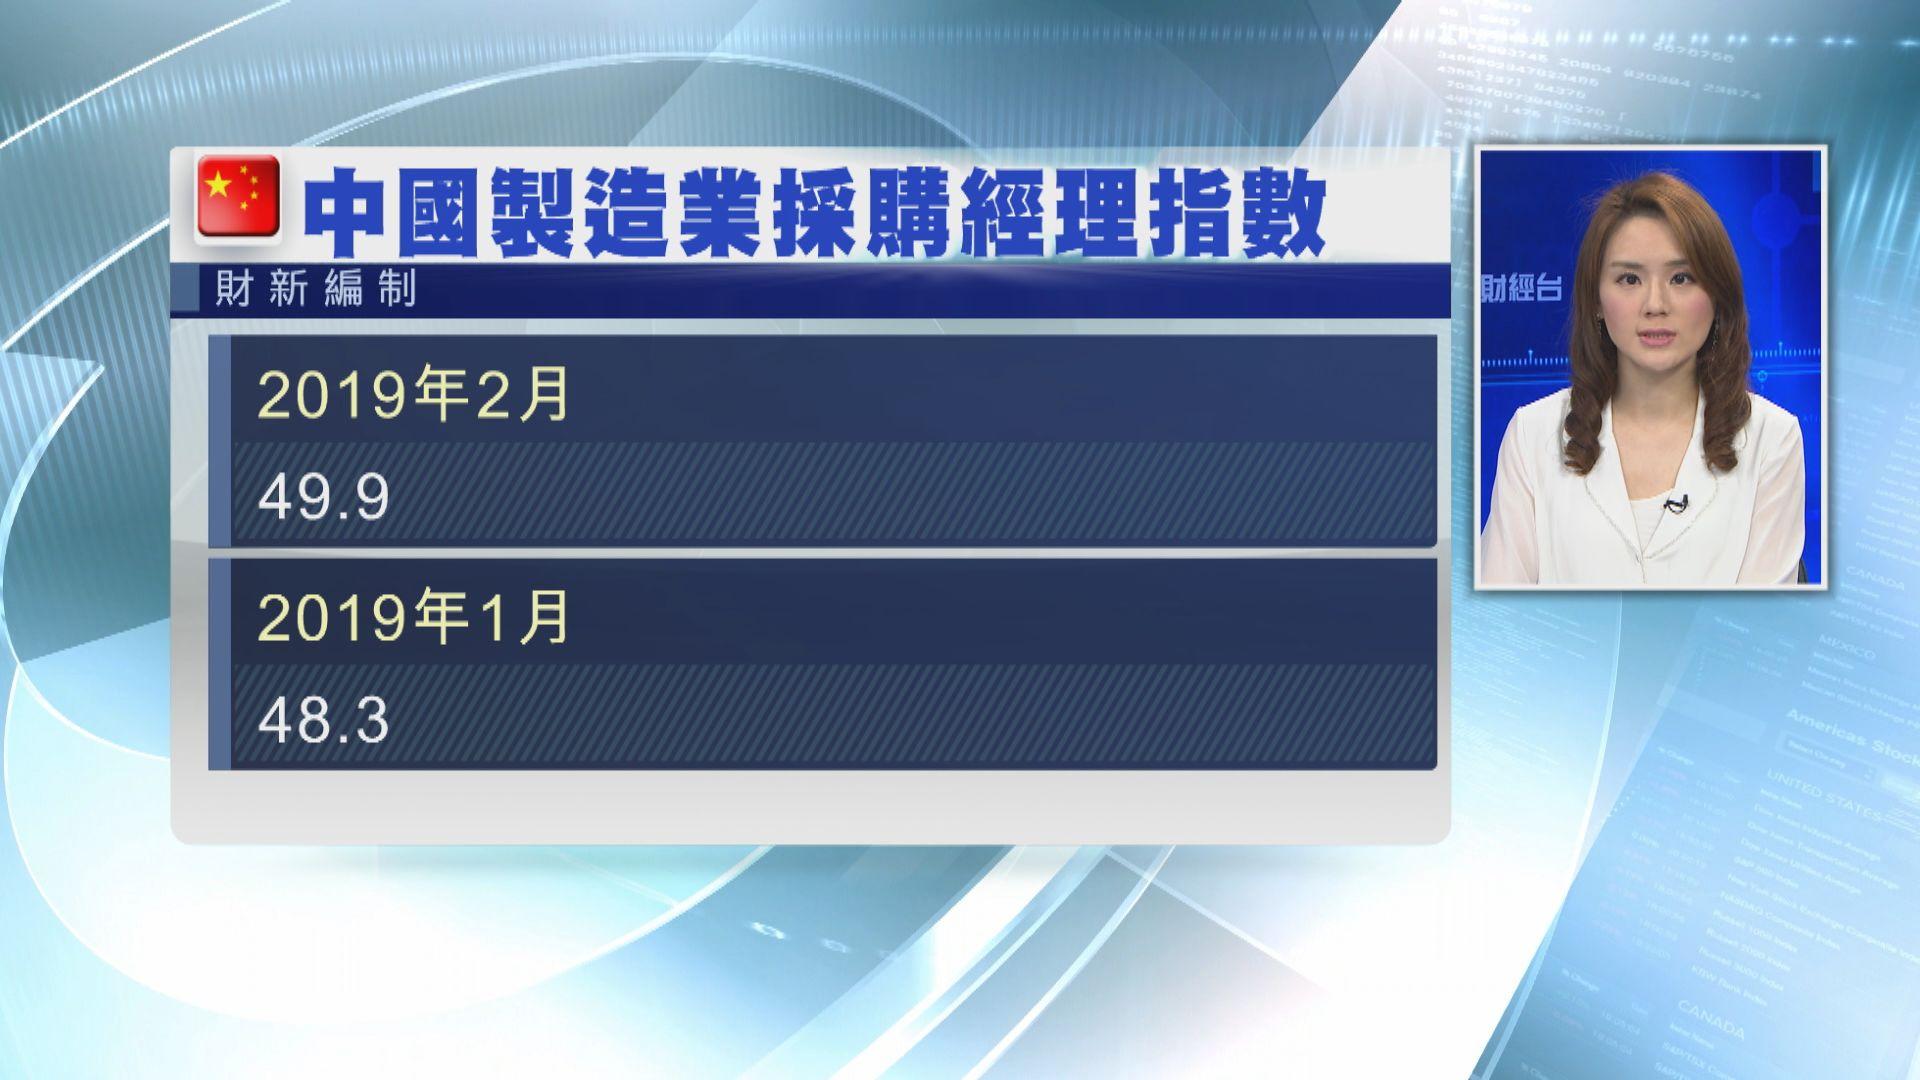 【見三個月高】2月財新製造業PMI升至49.9